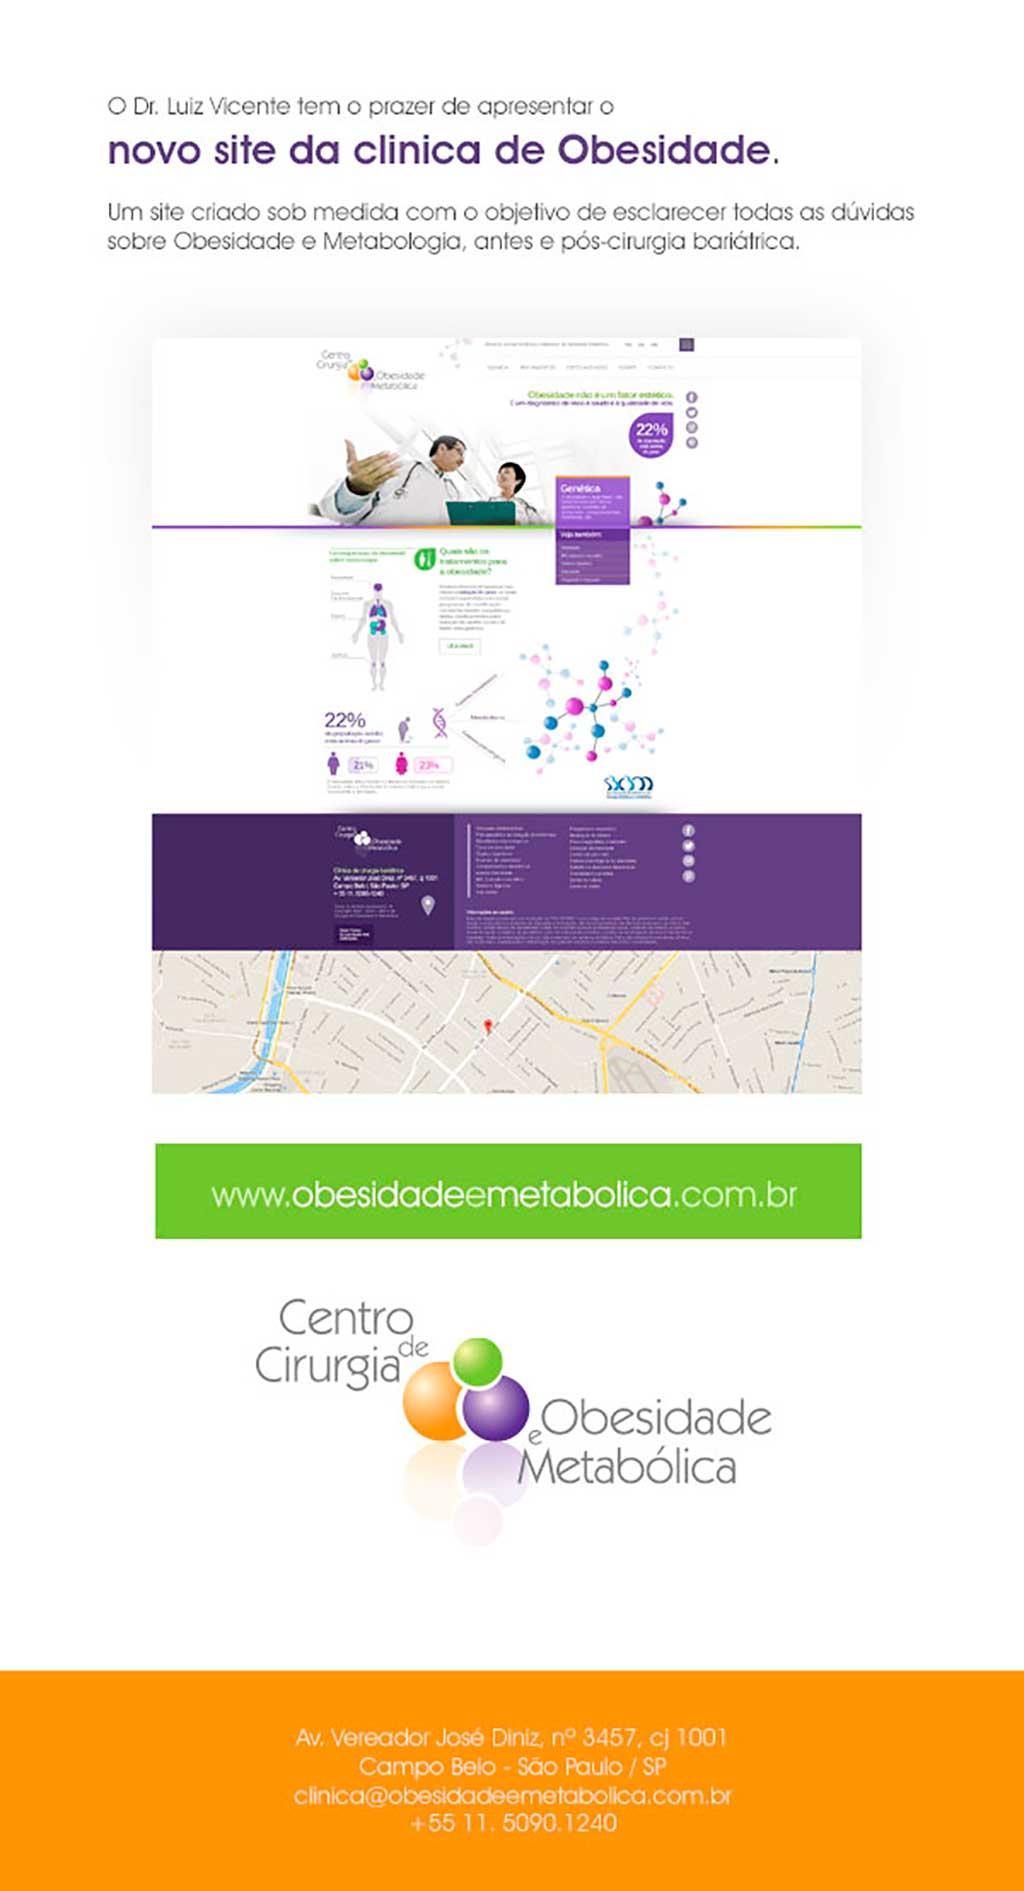 lancamento-site-obesidade_02-12-2014